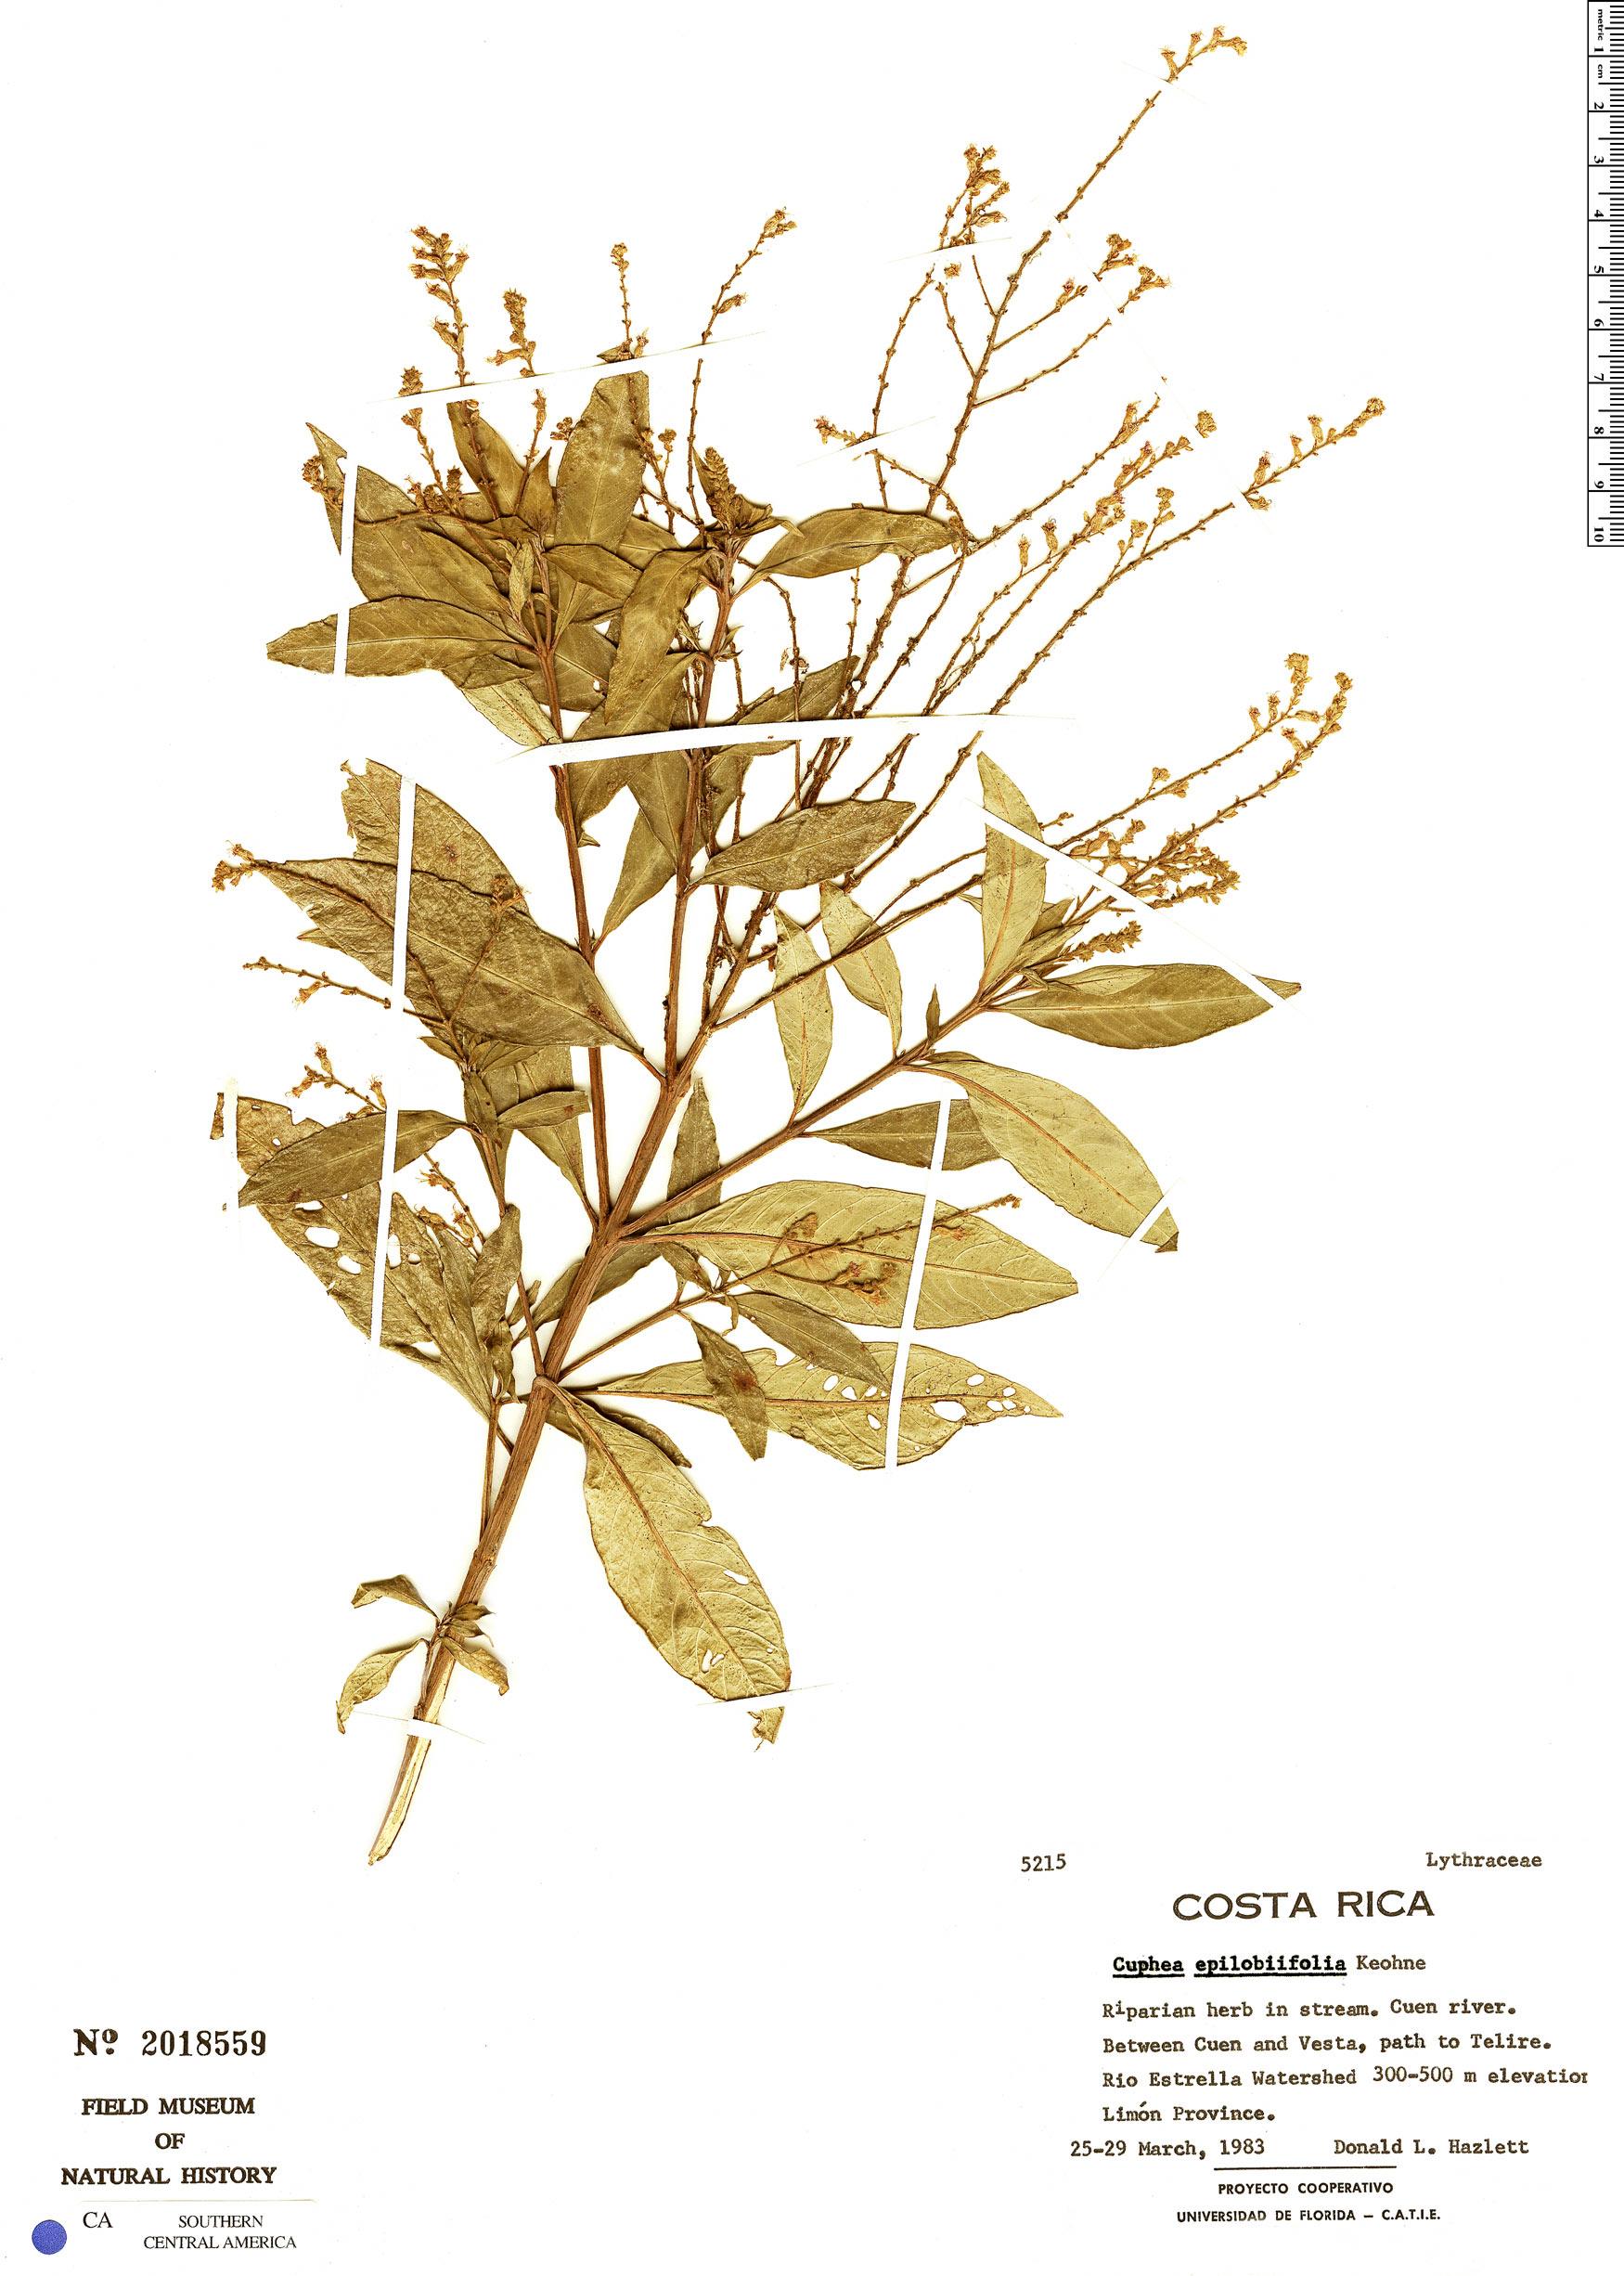 Specimen: Cuphea epilobiifolia